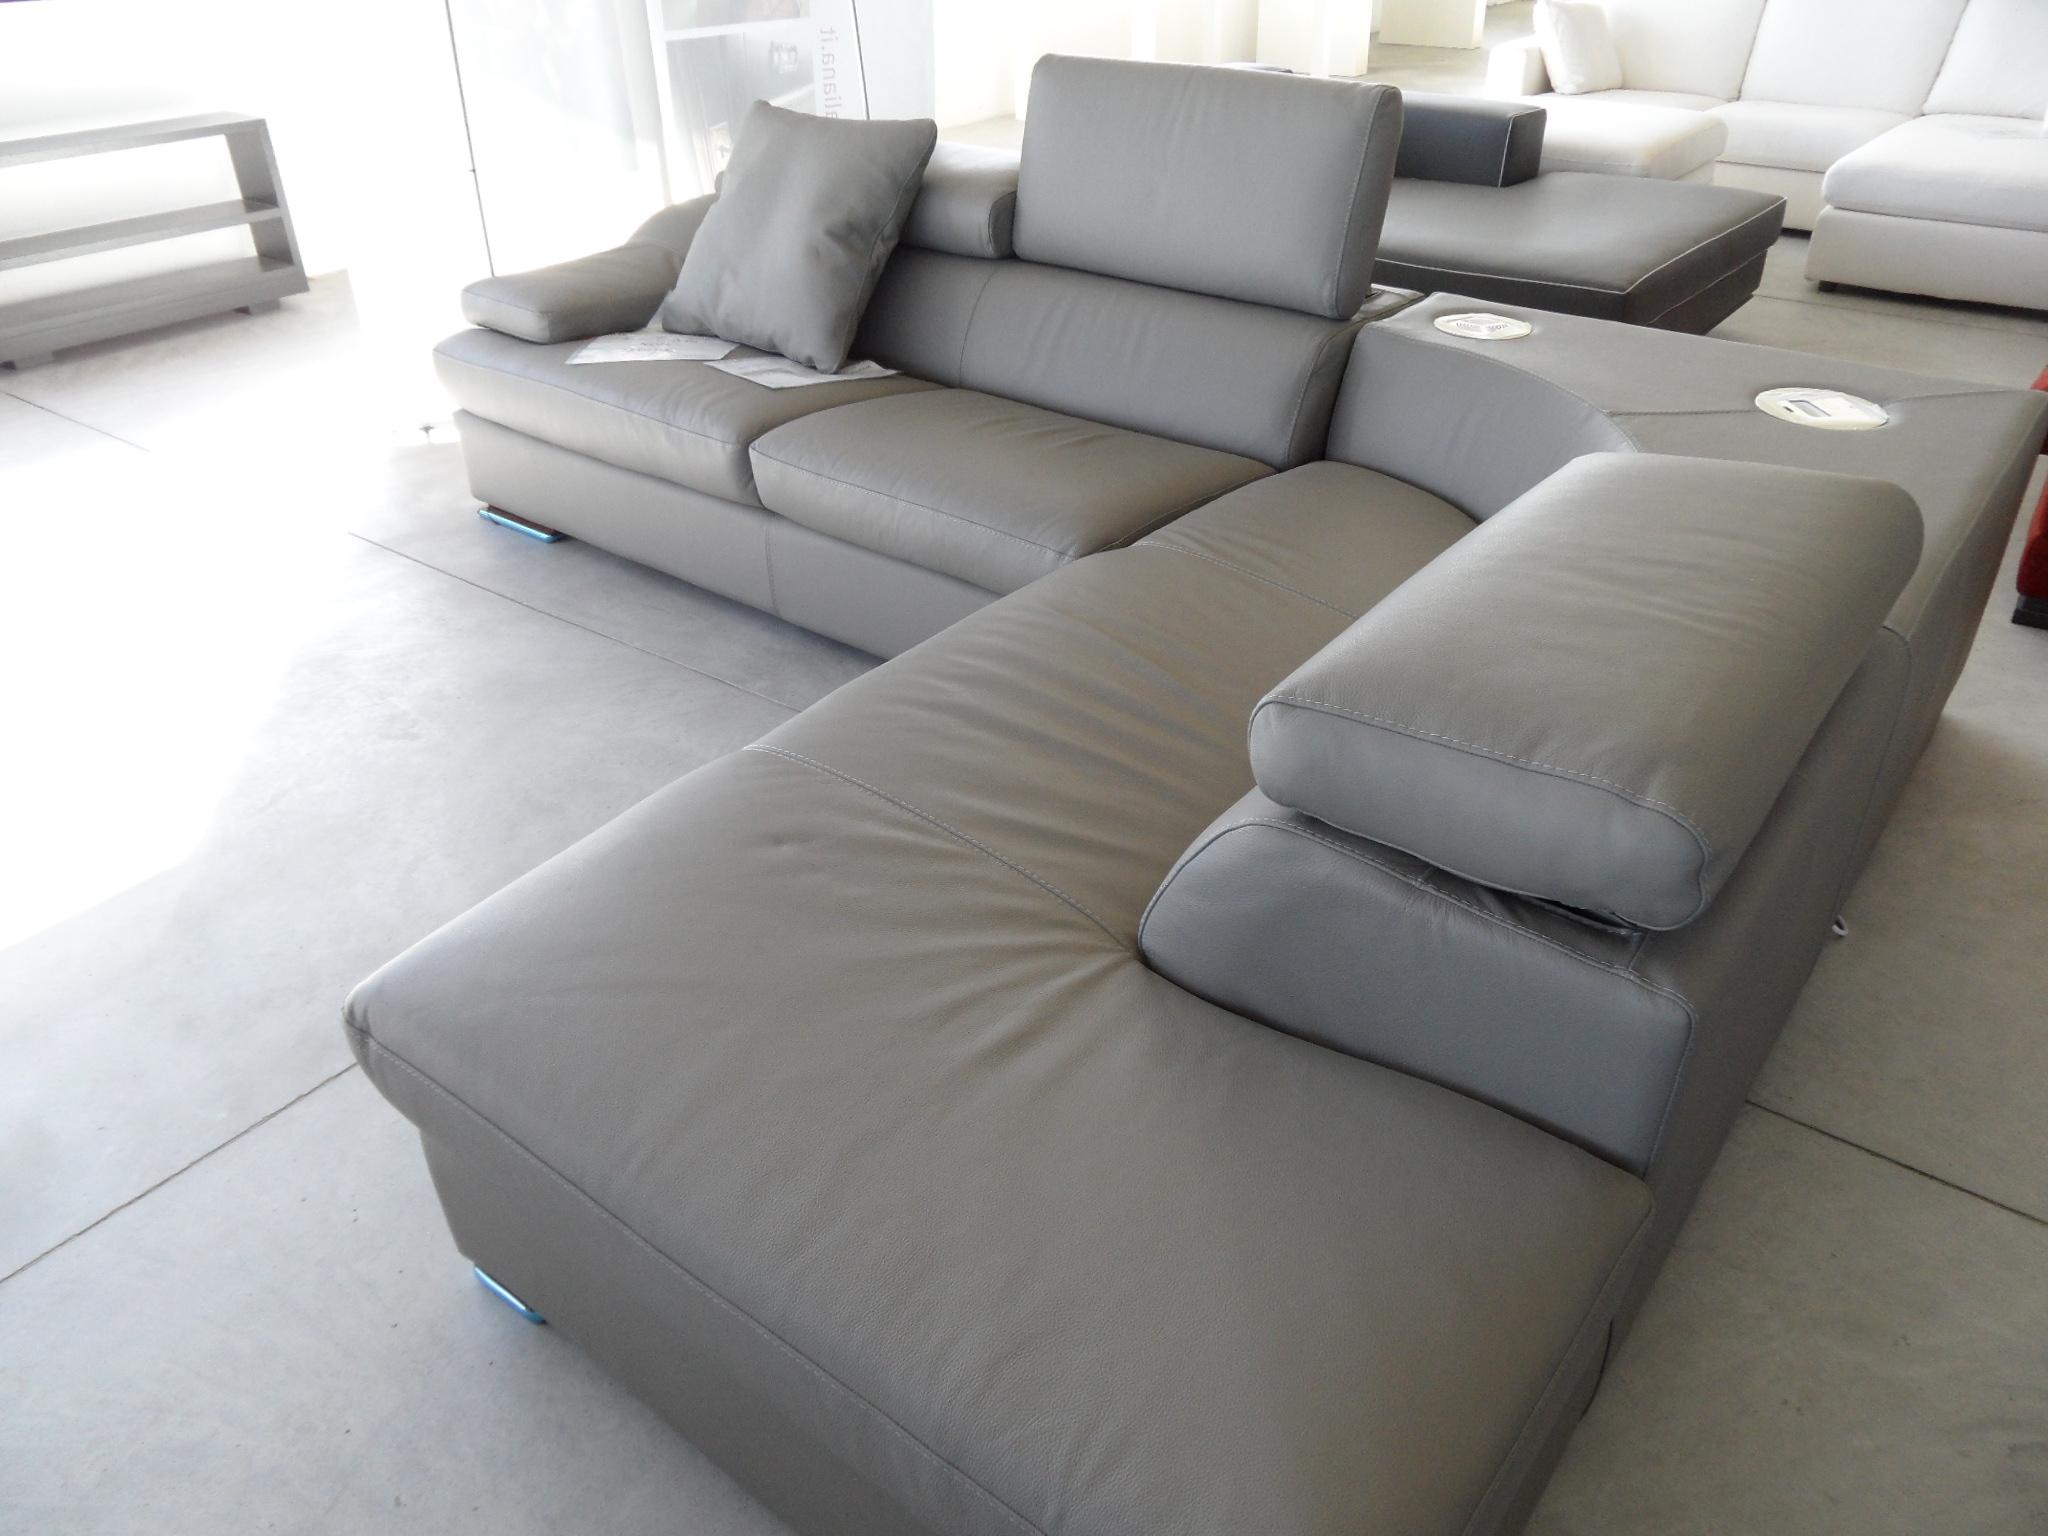 Divano letto kermes elegante interior - Mimo divani prezzi ...